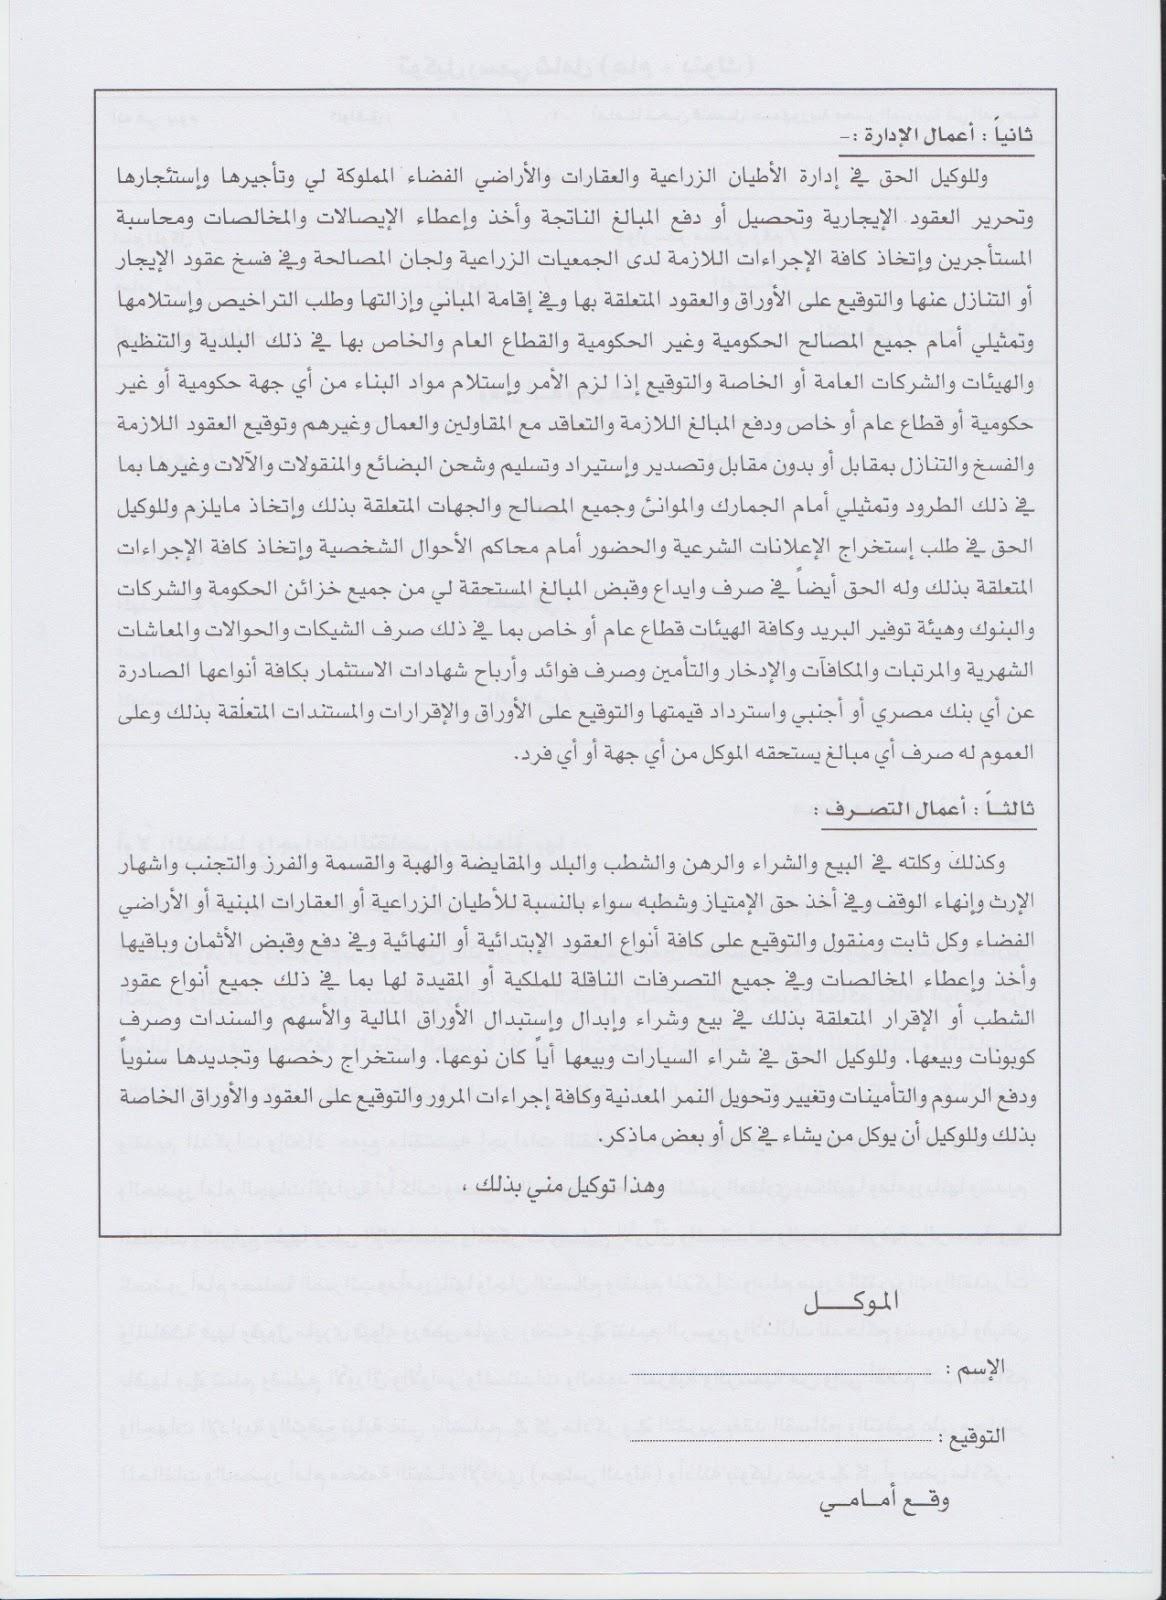 توكيل خاص عمل توكيل في السفارة المصرية بقطر